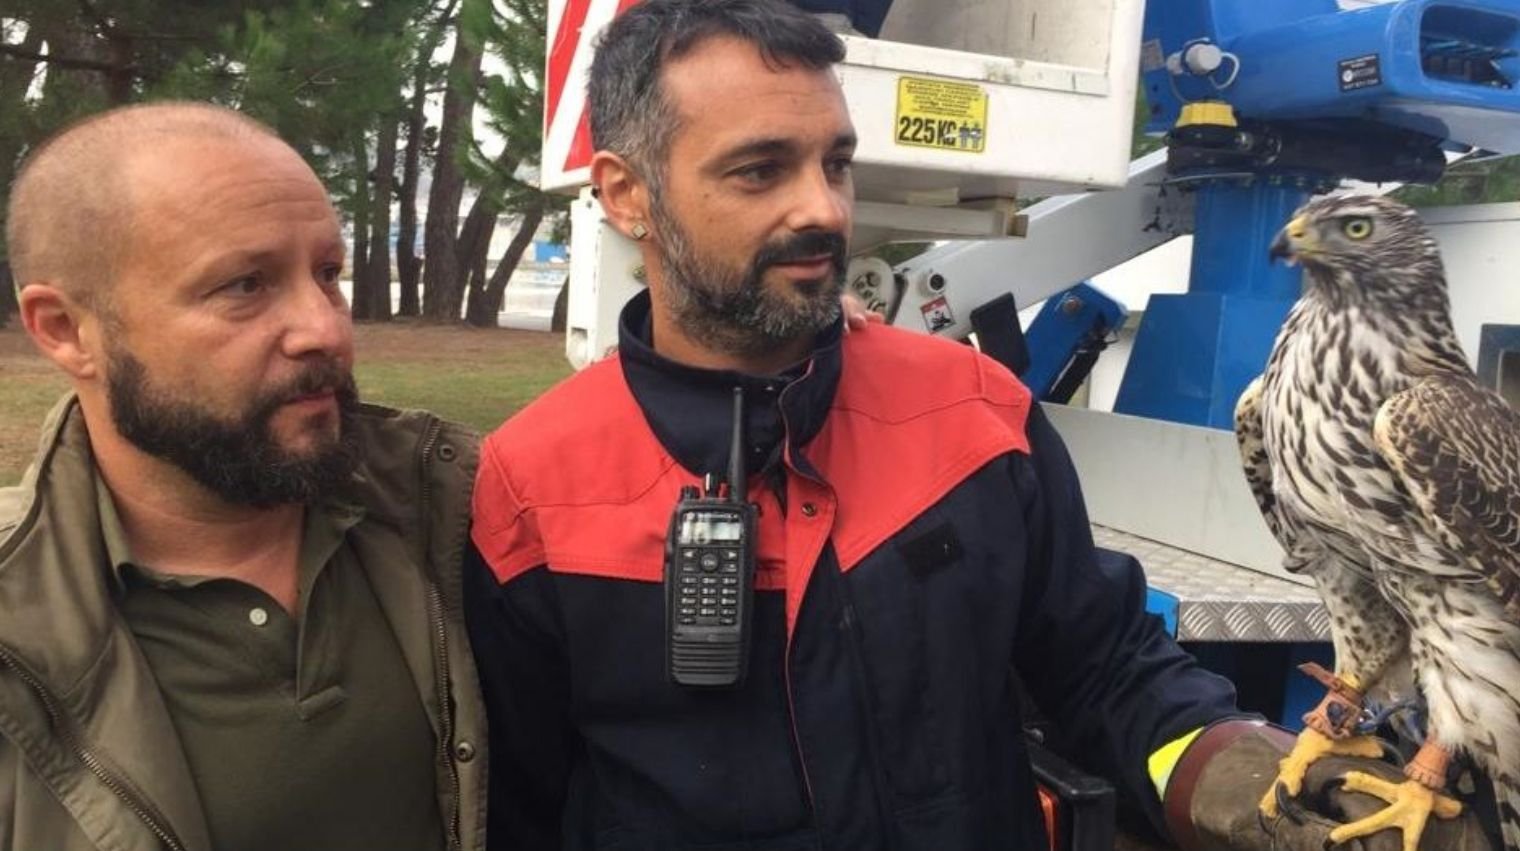 Azor recuperado en Oleiros.Núñez Feijoo y Pablo Casado, en un acto en Oleiros